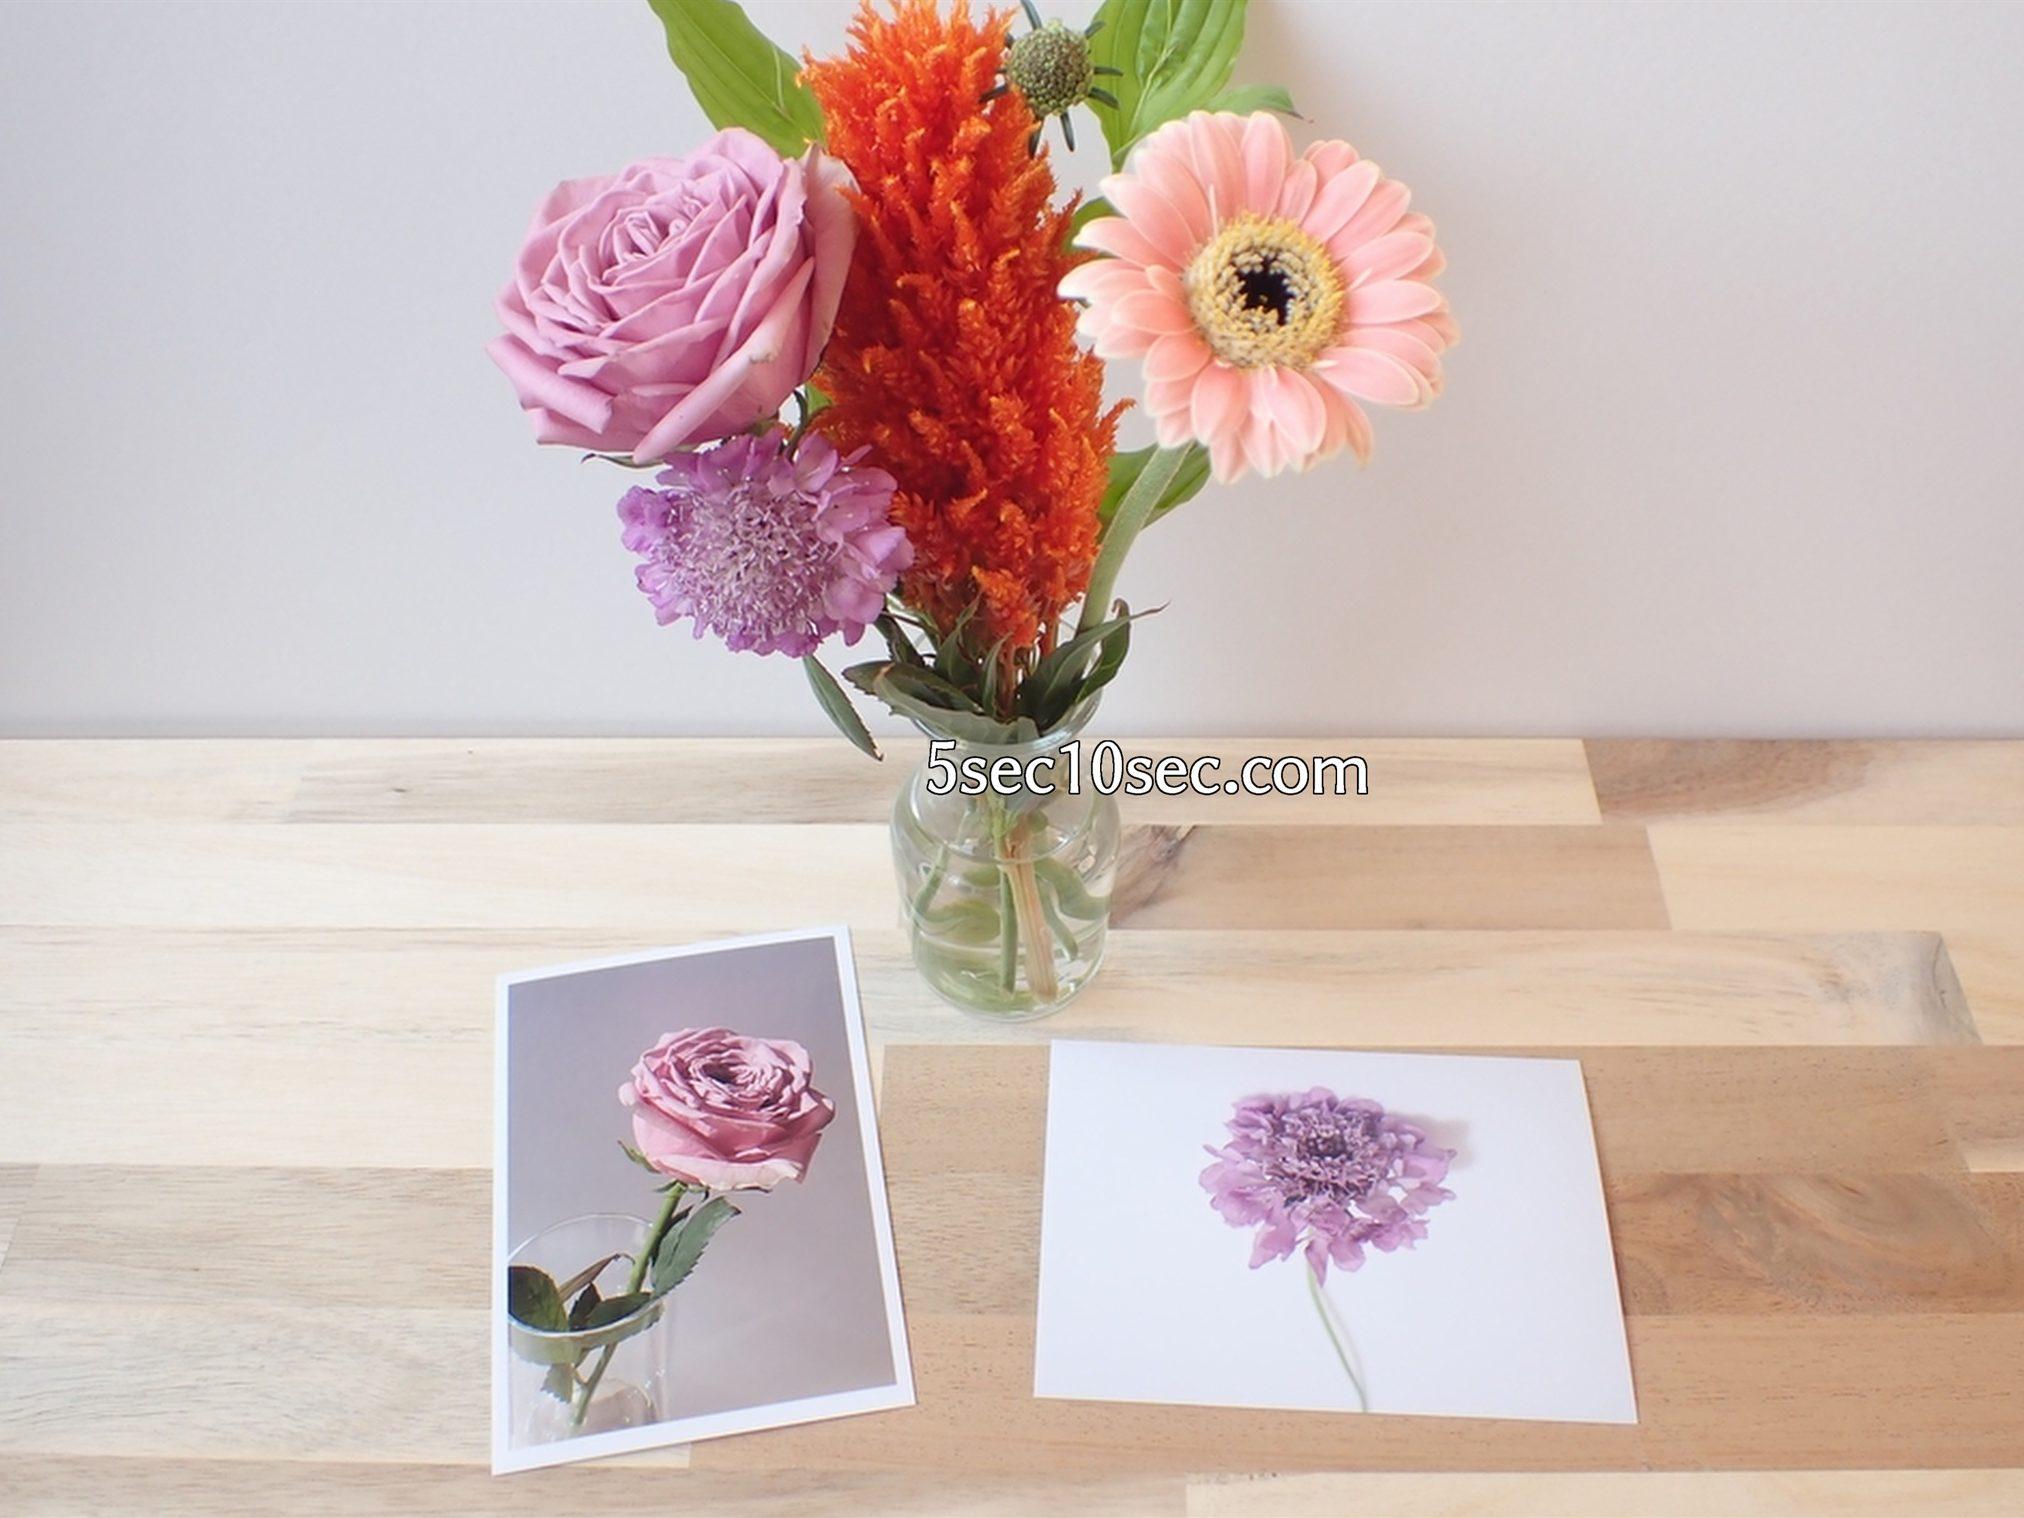 株式会社Crunch Style お花の定期便 Bloomee LIFE ブルーミーライフ レギュラープラン 切り花、生花ヲ1本ずつ写真に撮って、写真に残して、お花を楽しんでいます